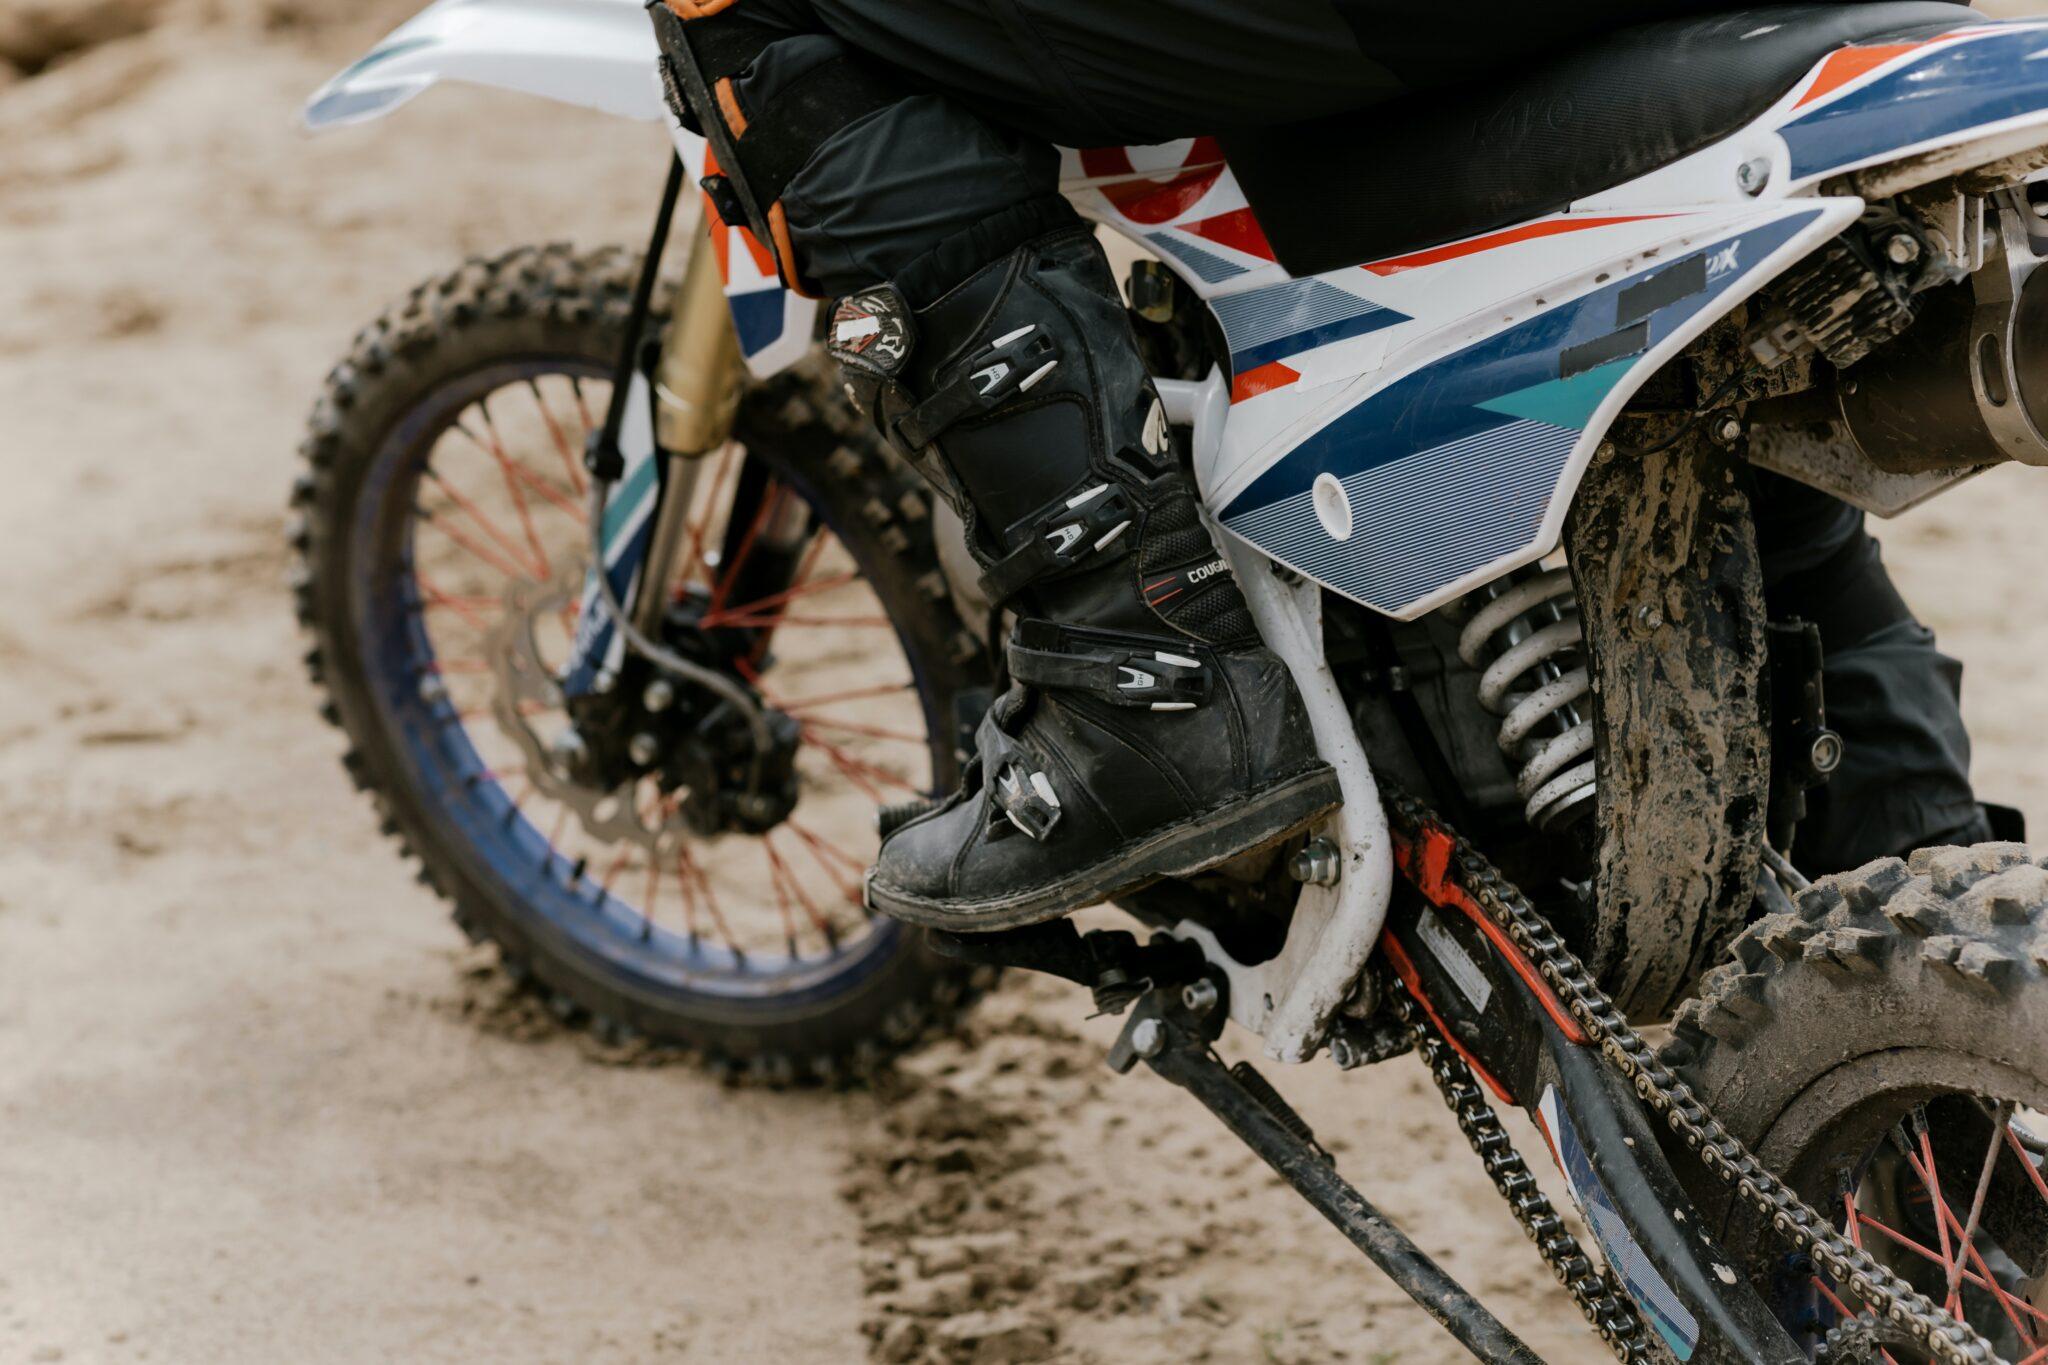 Cómo saber si debes cambiar la cadena de la moto - Frenos Bolca